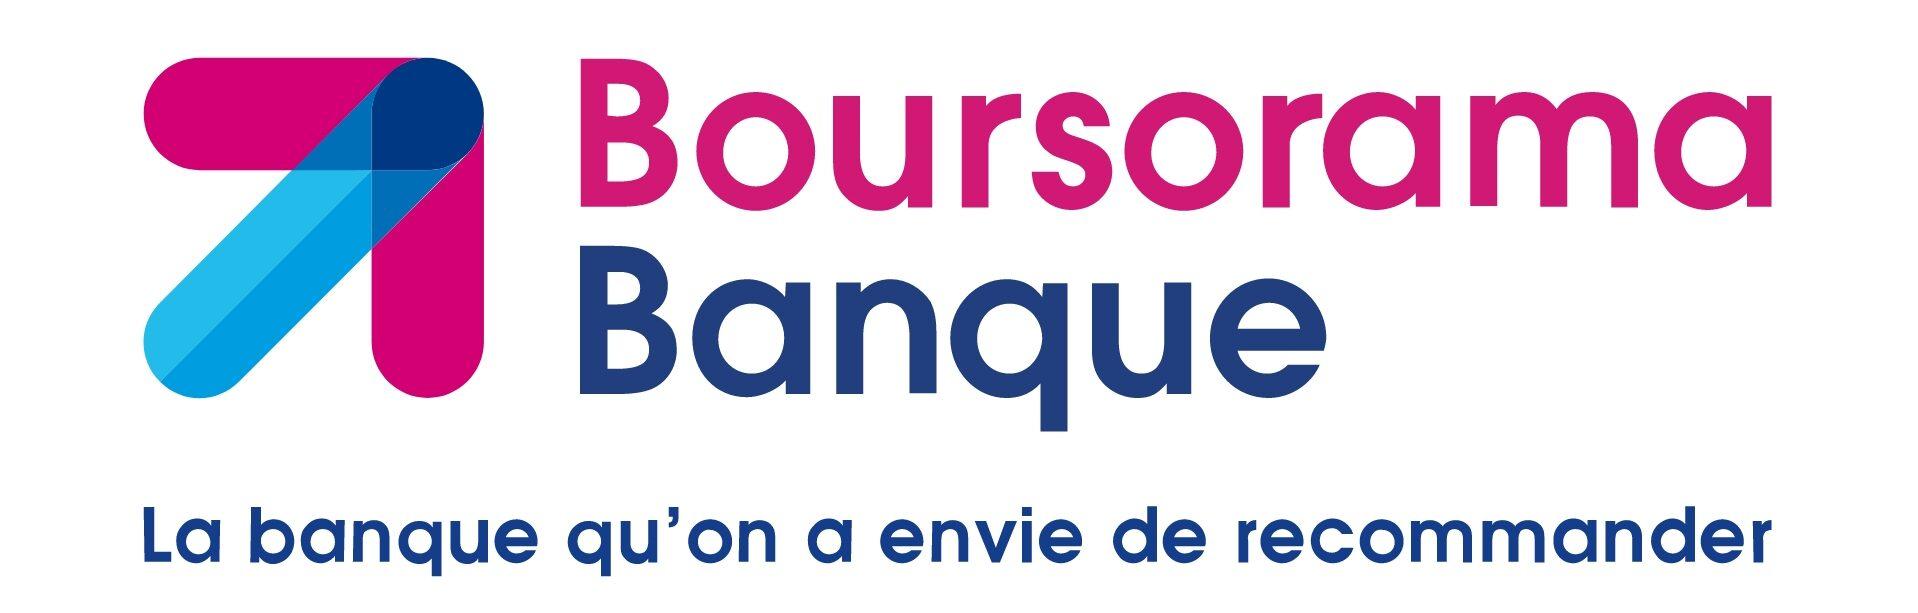 Boursorama Banque : La banque qu'on a envie de recommander.